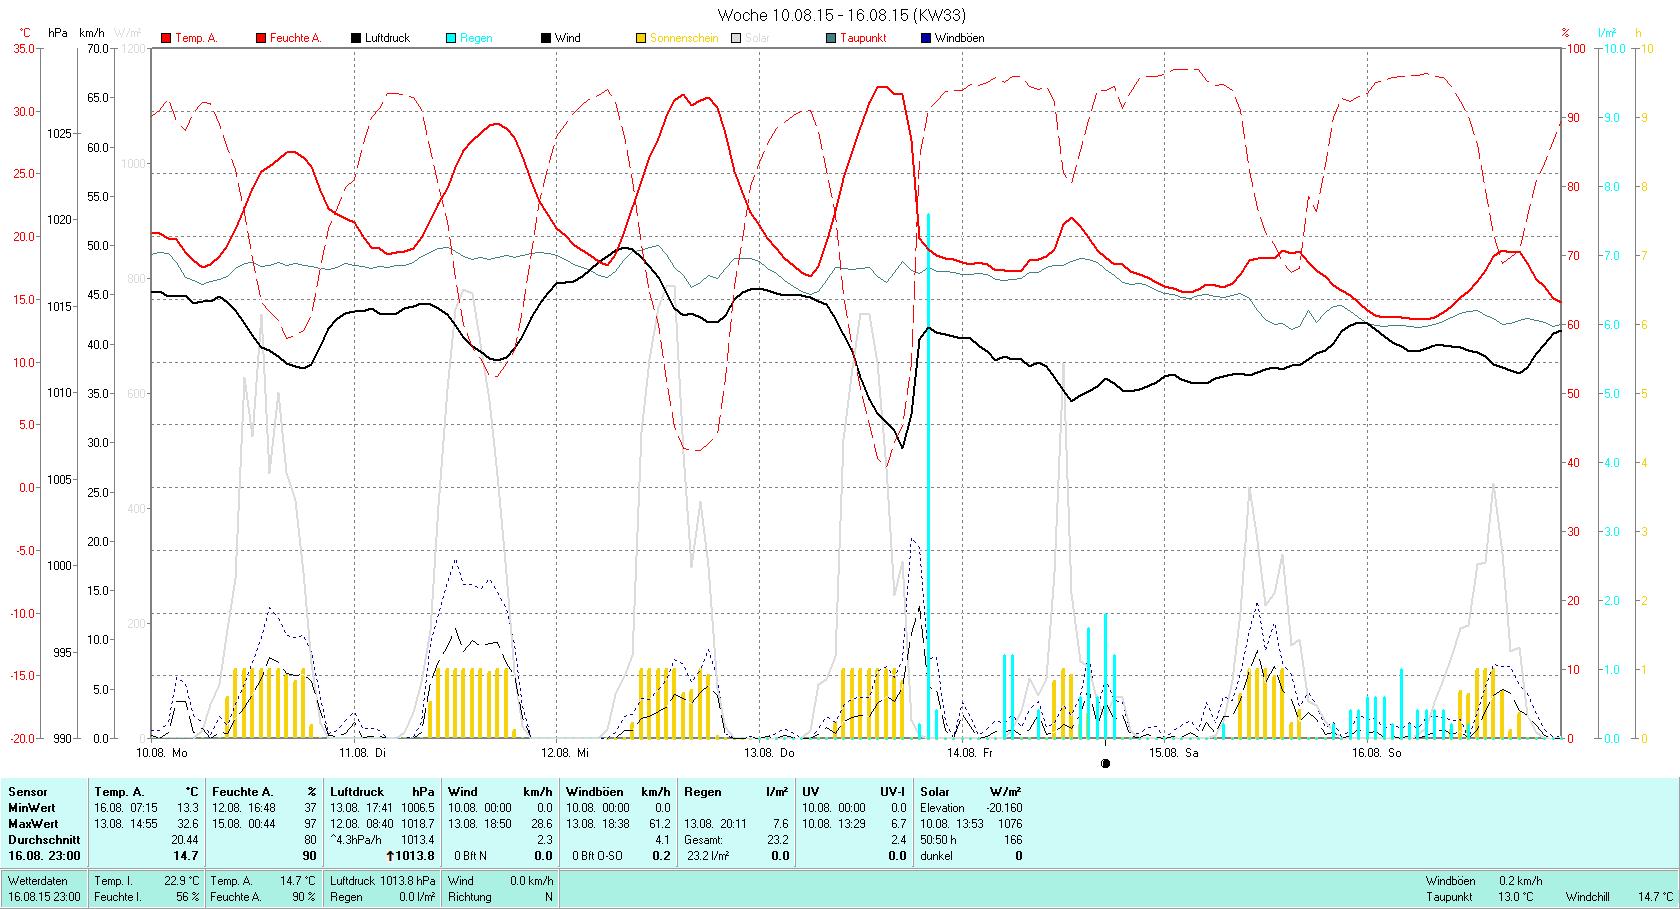 KW 33 Tmin 13.3°C, Tmax 32.6°C, Sonne 50.50h, Niederschlag 7.6mm/2